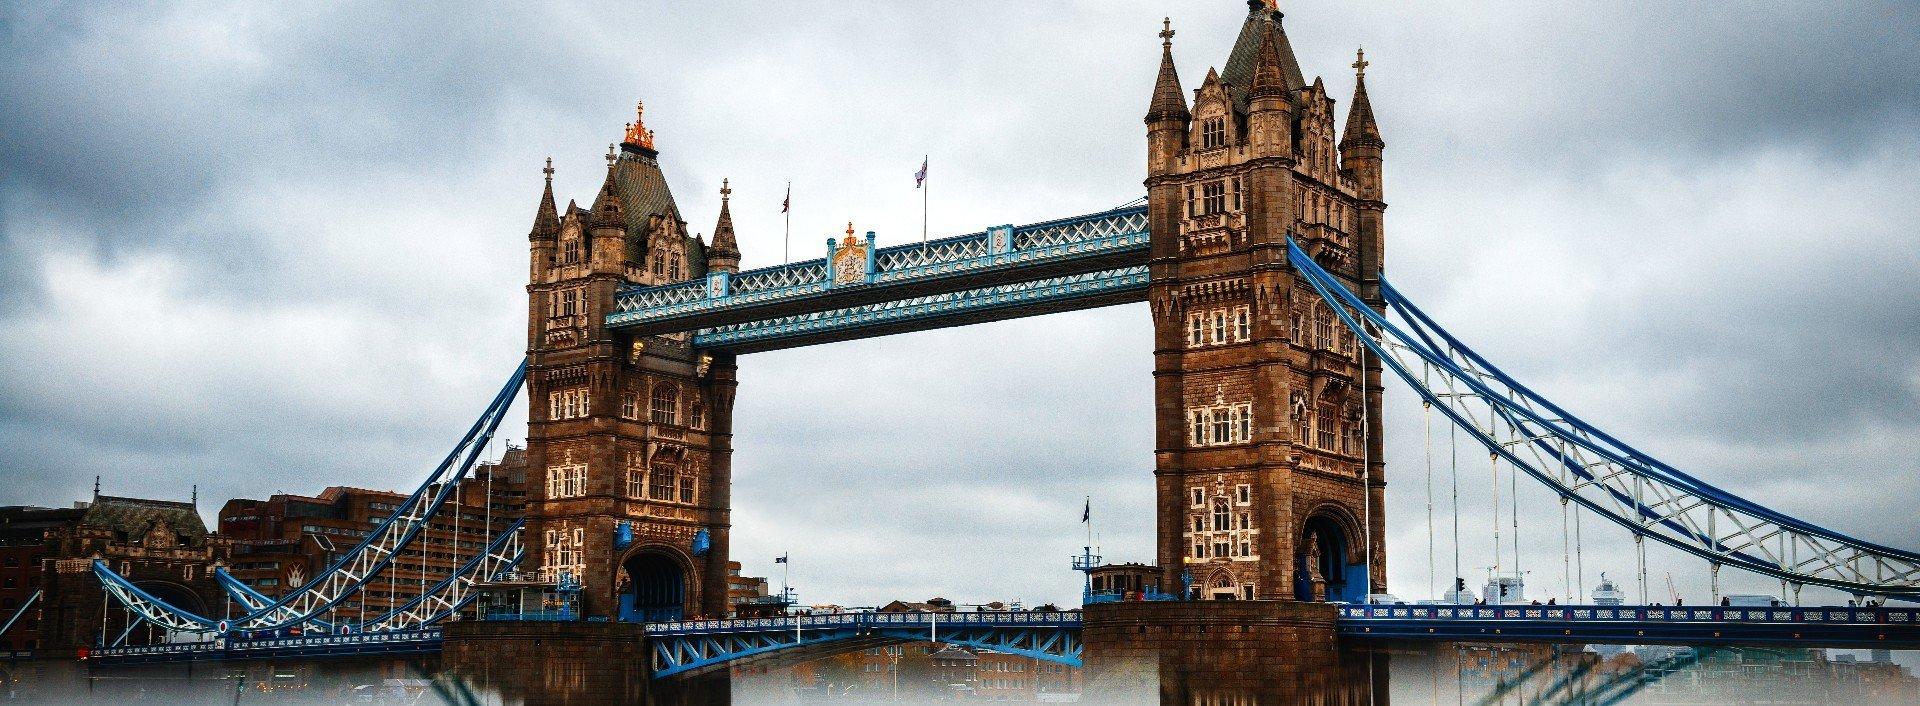 Britisch-englische Redewendungen: Die Tower Bridge in London vor einem bewölkten Himmel